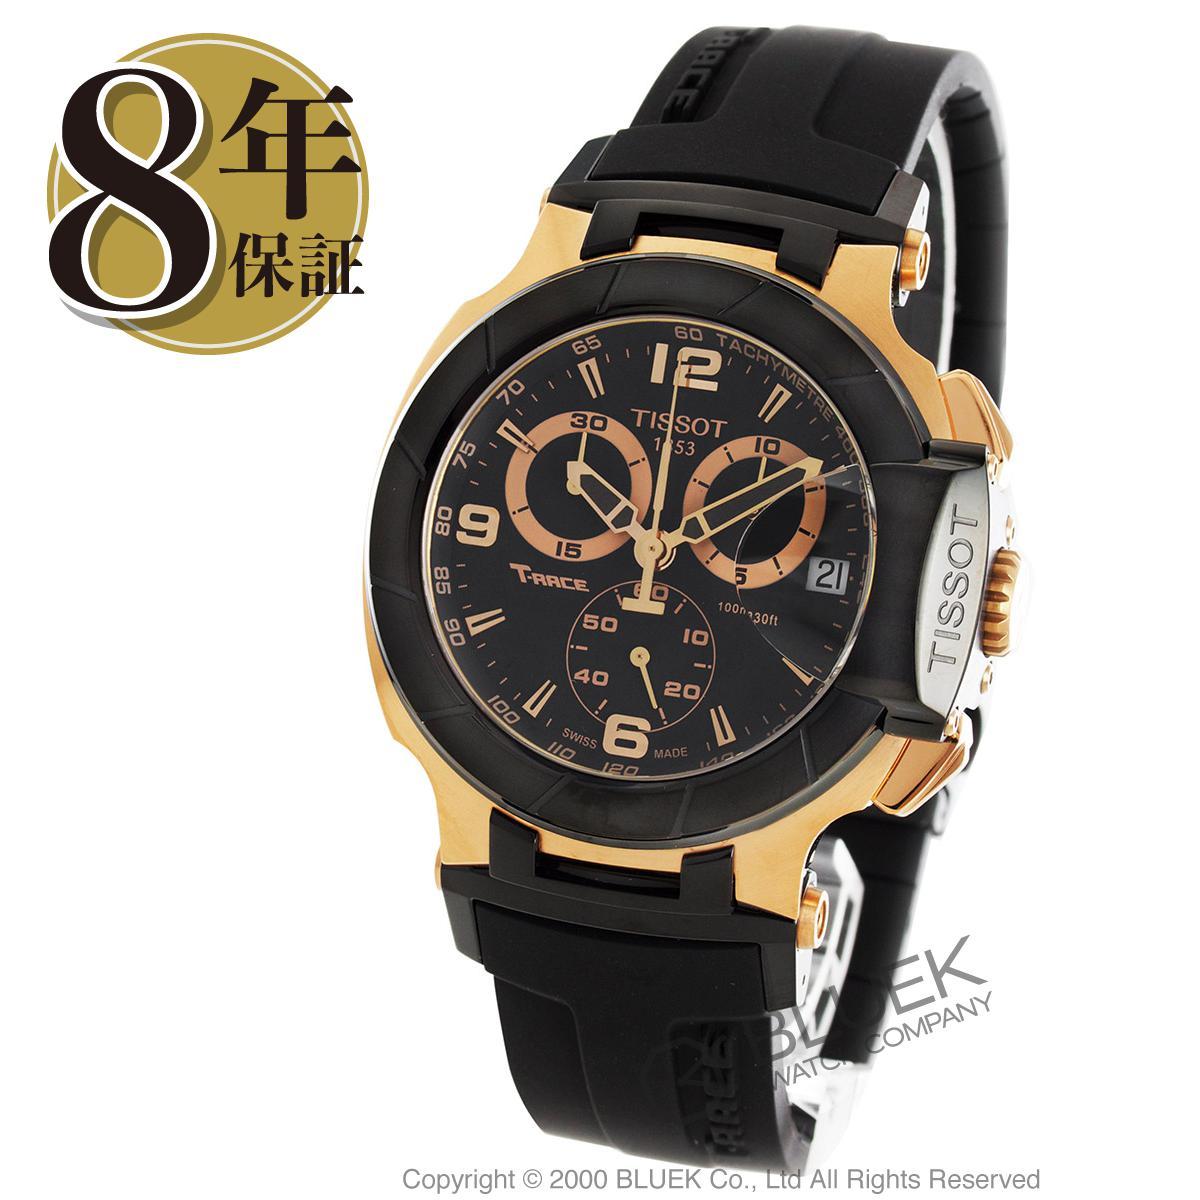 ティソ T-スポーツ T-レース クロノグラフ 腕時計 メンズ TISSOT T048.417.27.057.06_8